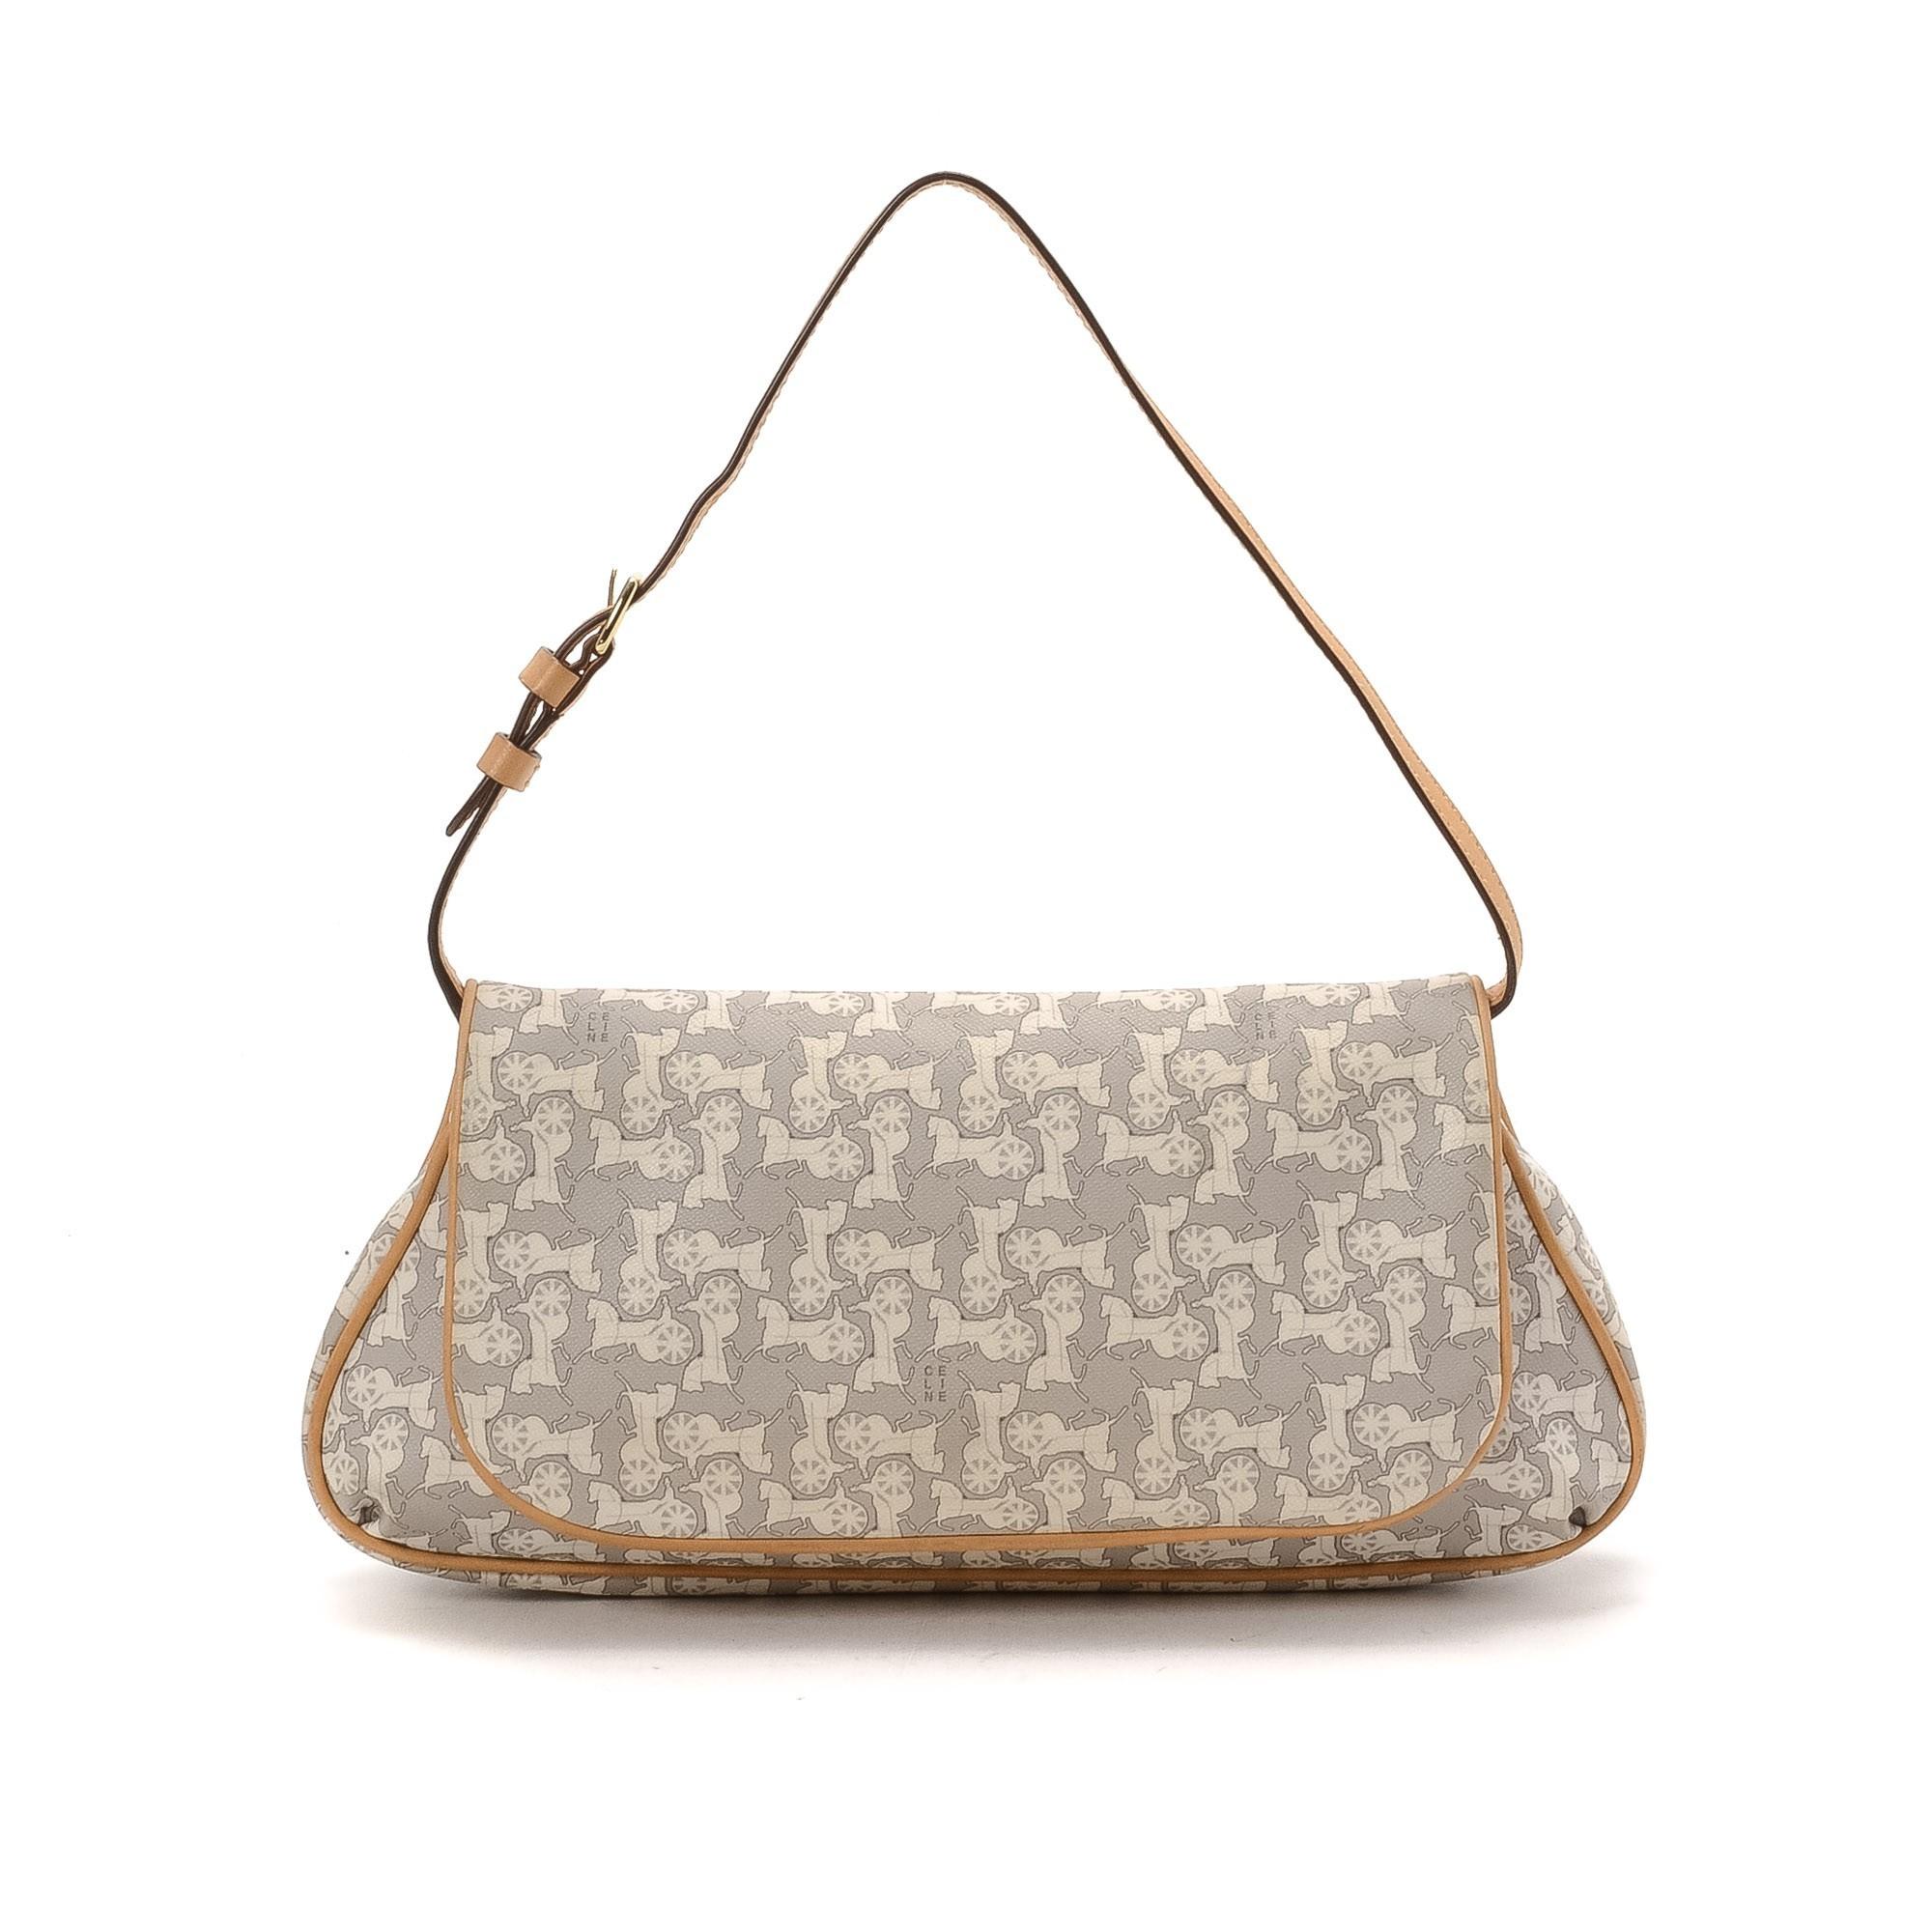 best celine replica - celine coated canvas shoulder bag, celine leather bags